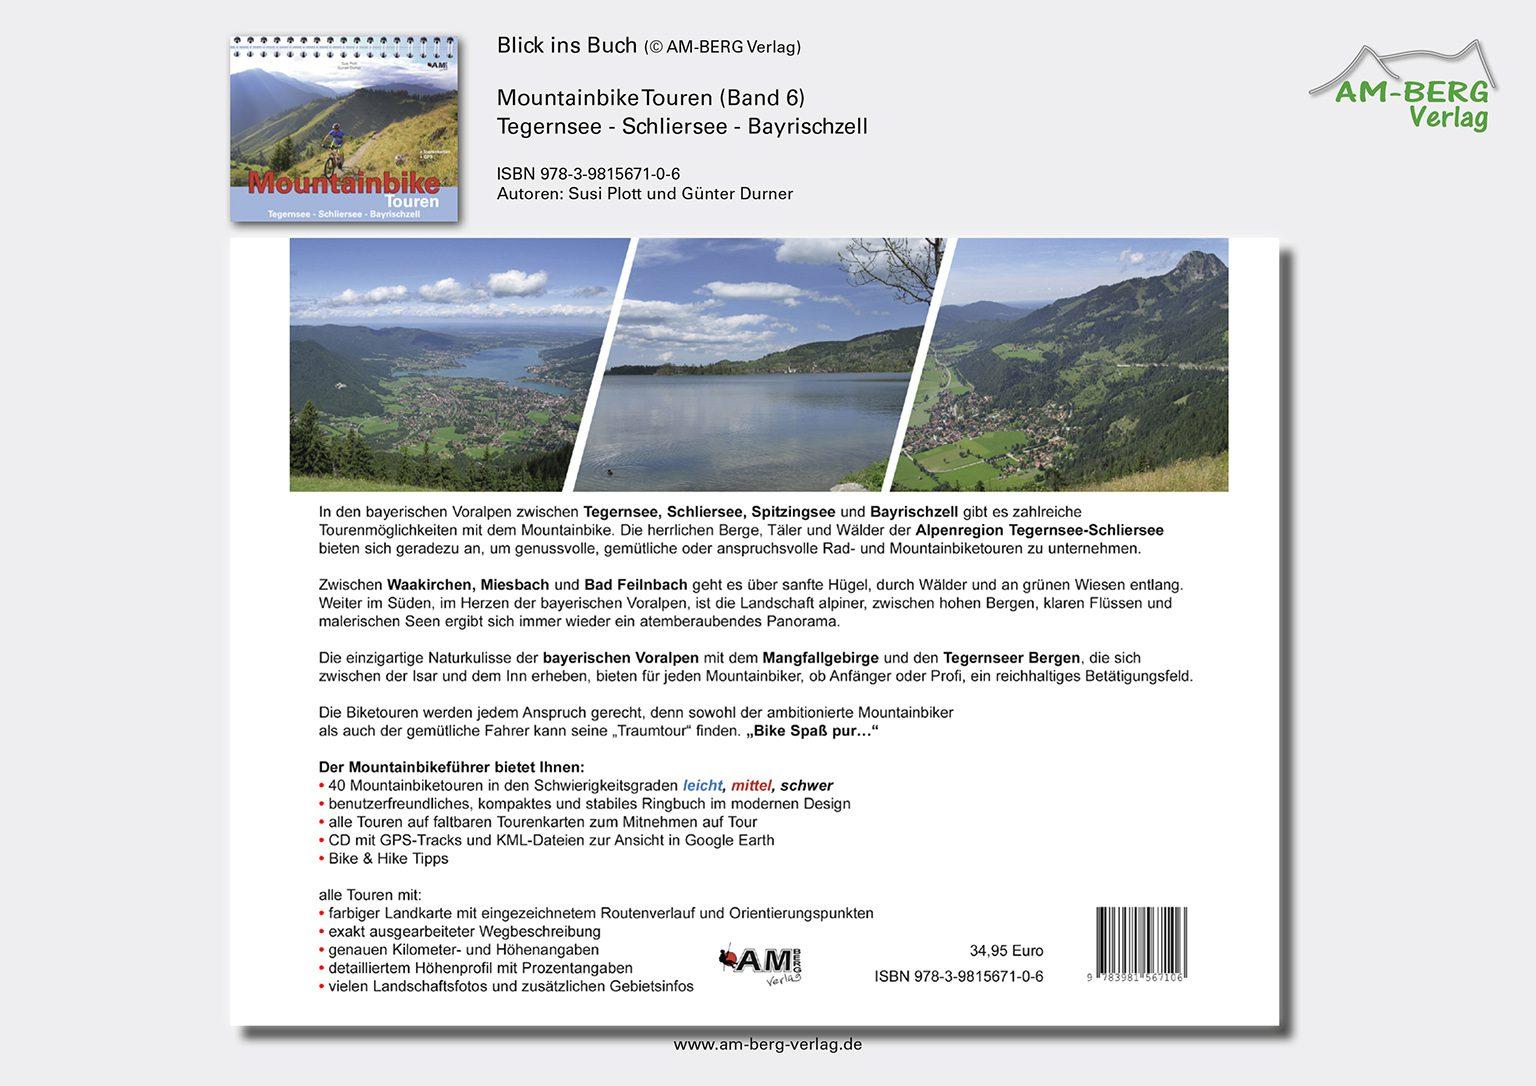 Mountainbike Touren Tegernsee-Schliersee-Bayrischzell (Band 6)_Rückseite Buch